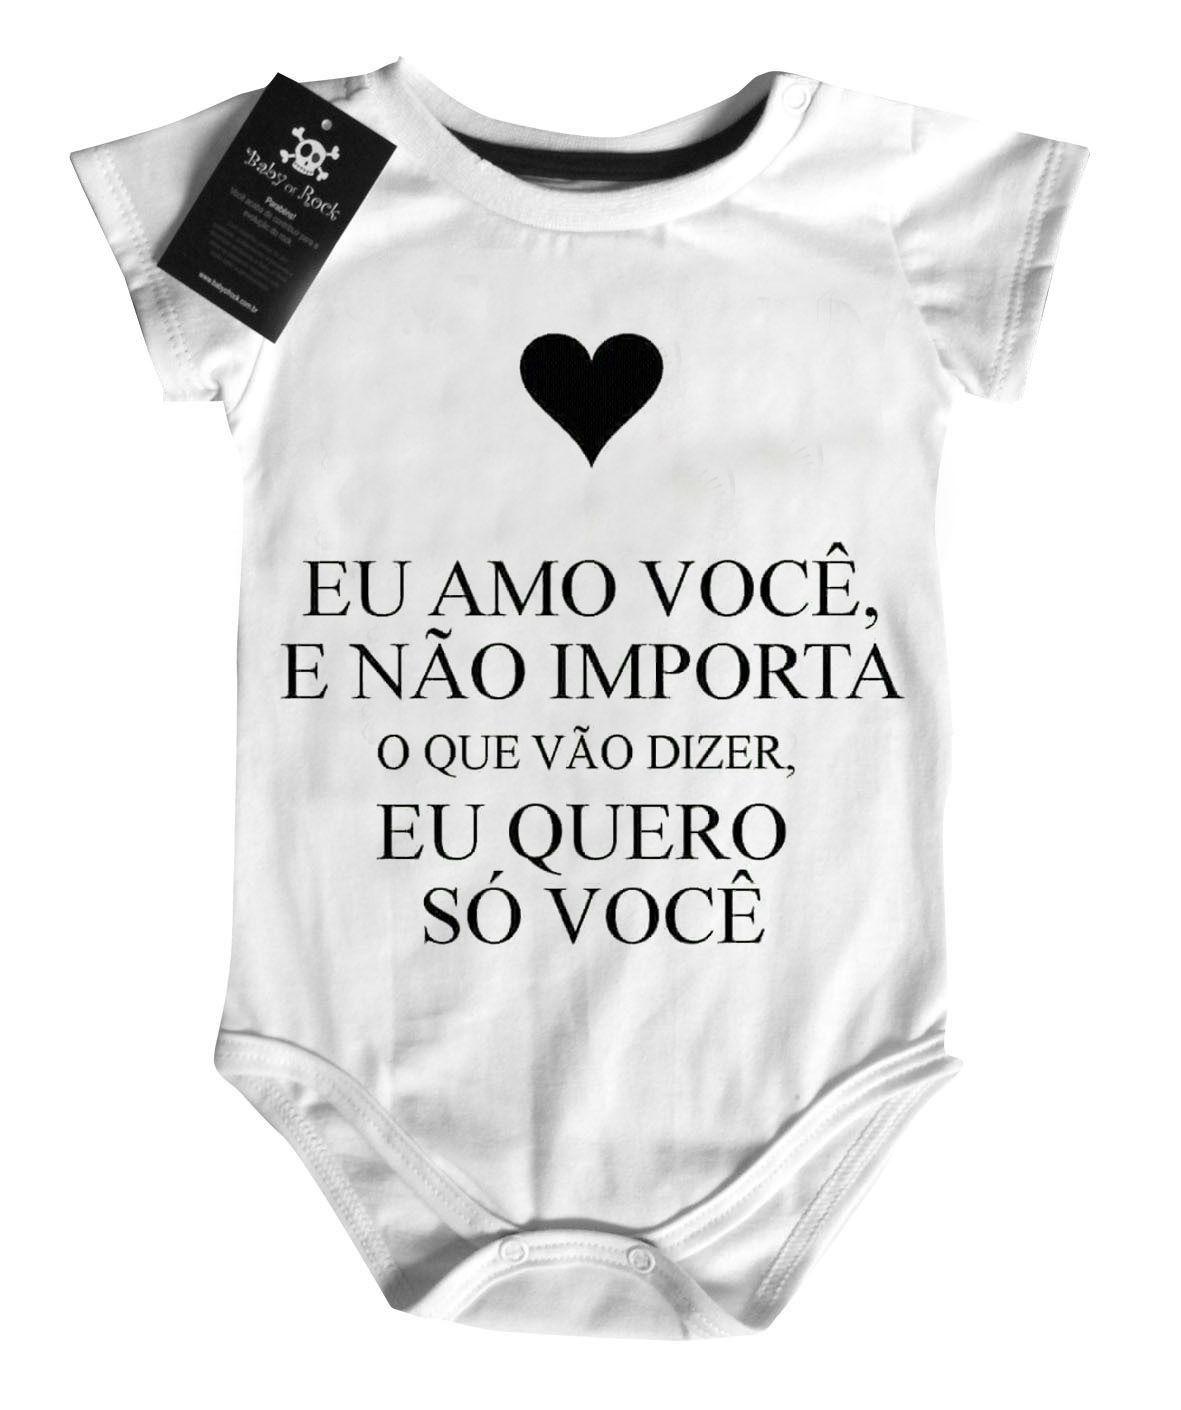 Body Bebe - Quero só você Jorge e Mateus- white  - Baby Monster S/A